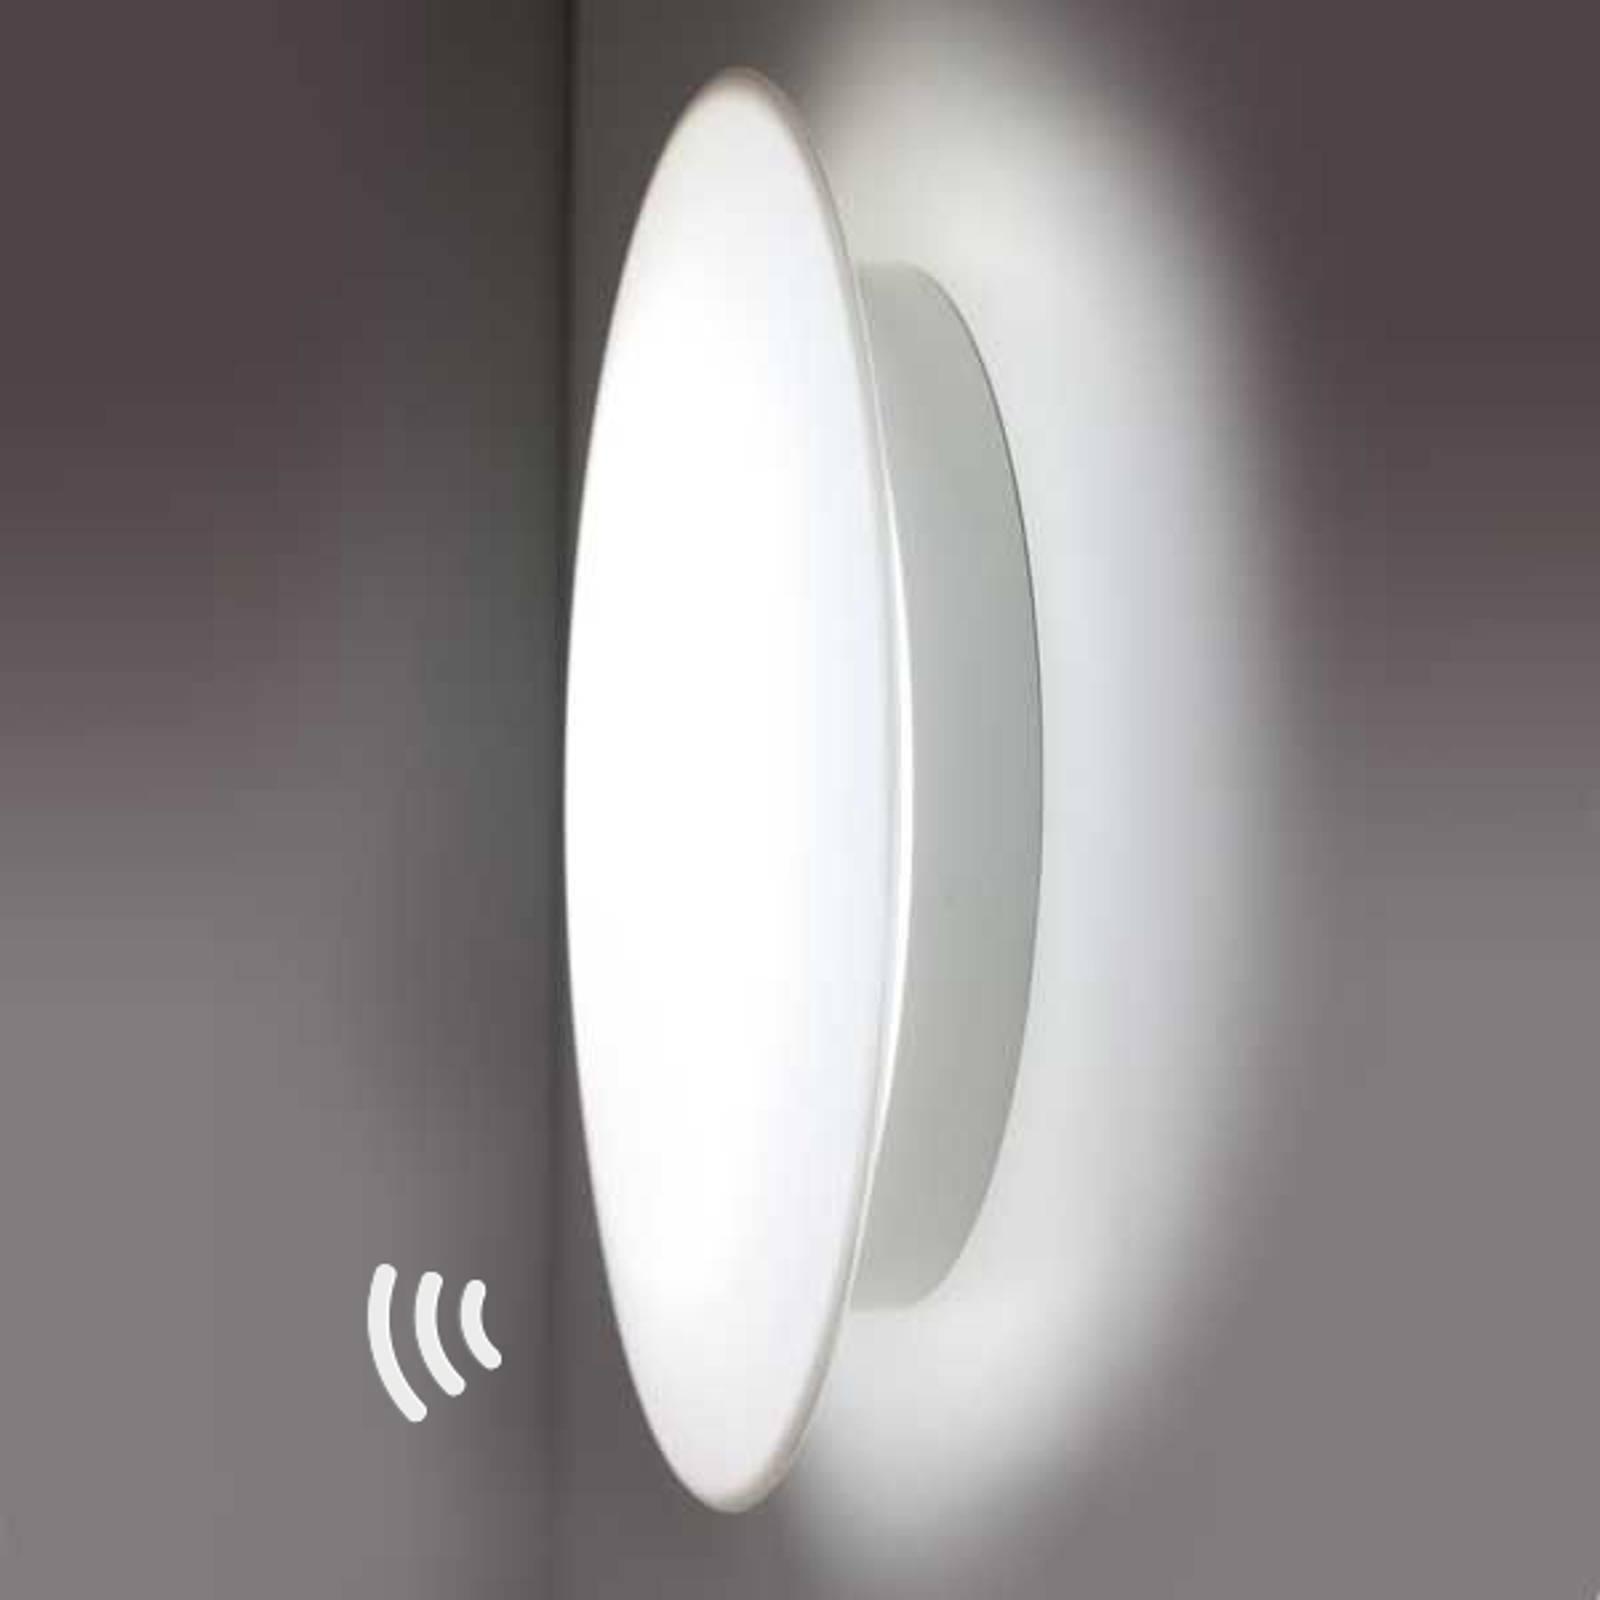 SUN 3 -LED-valaisin valkoinen, 13 W 4 K anturi